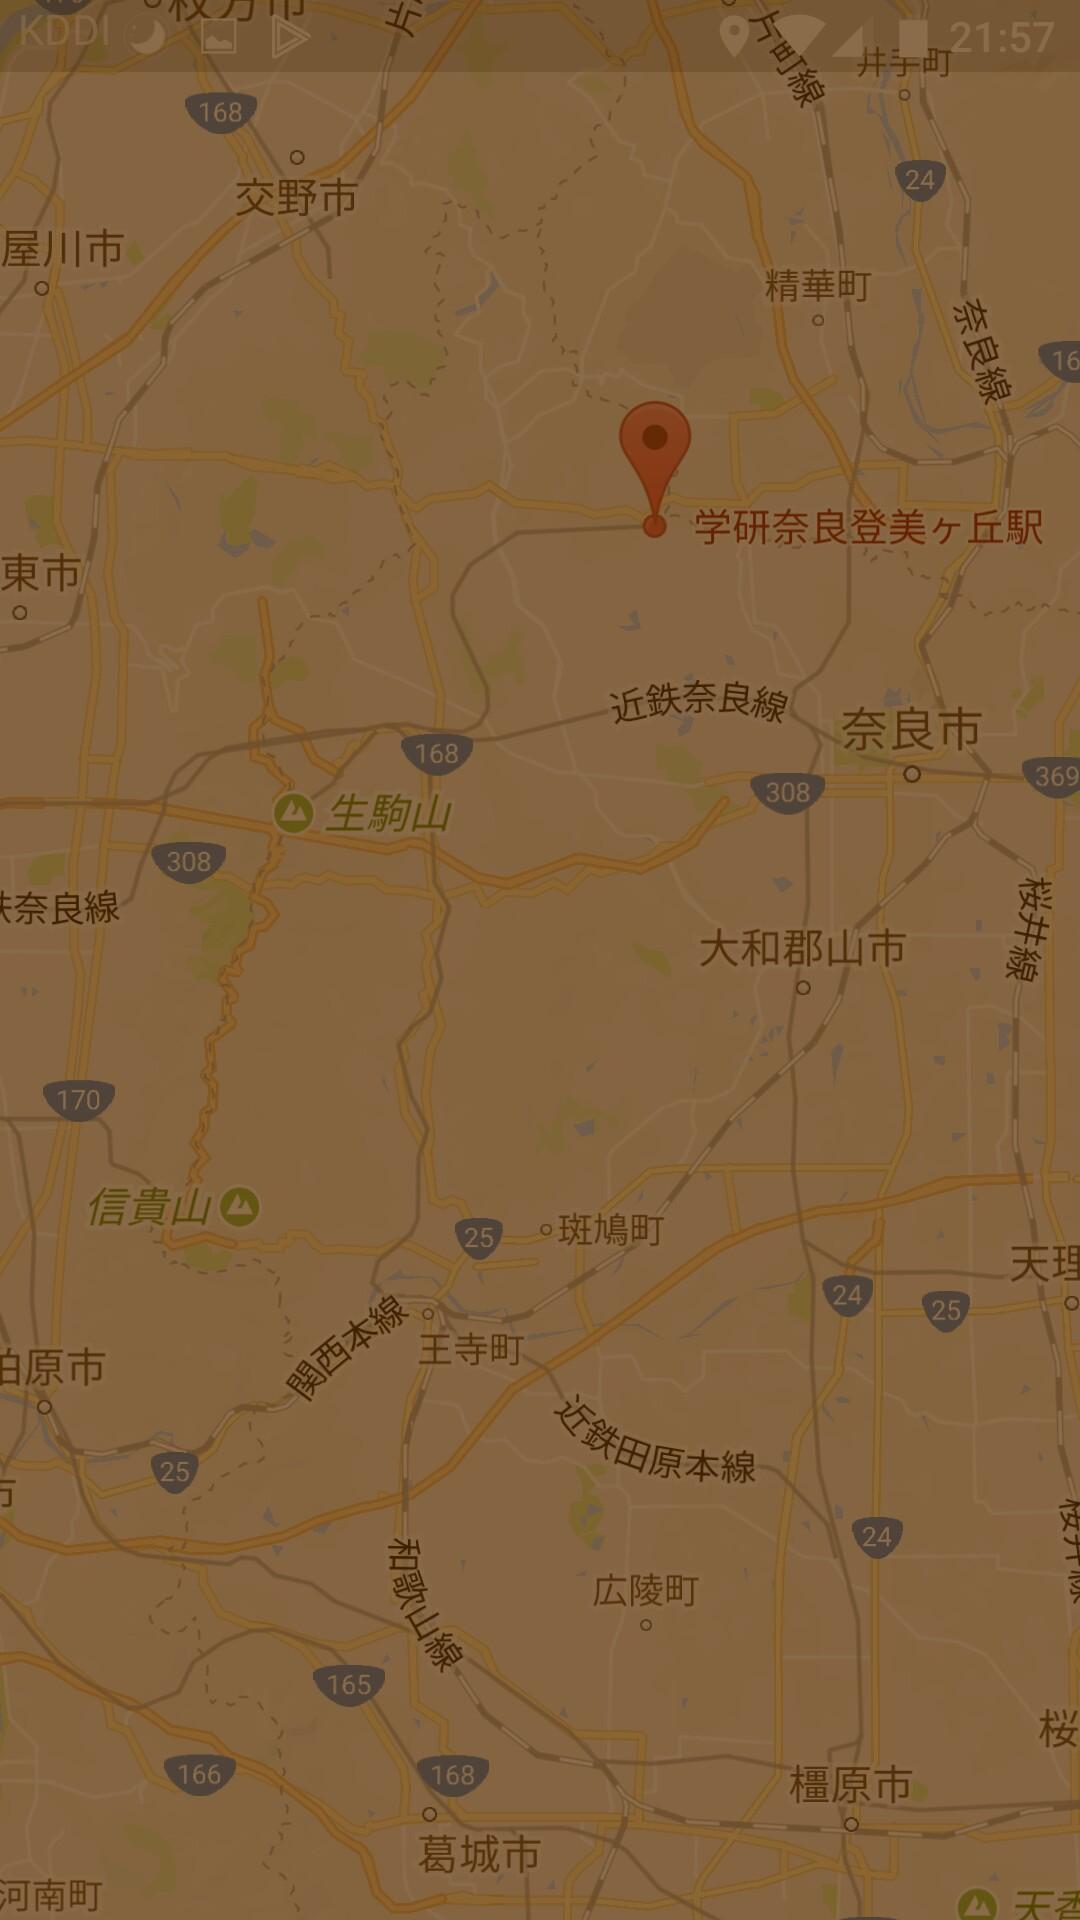 f:id:bukouyowa:20170711215739j:image